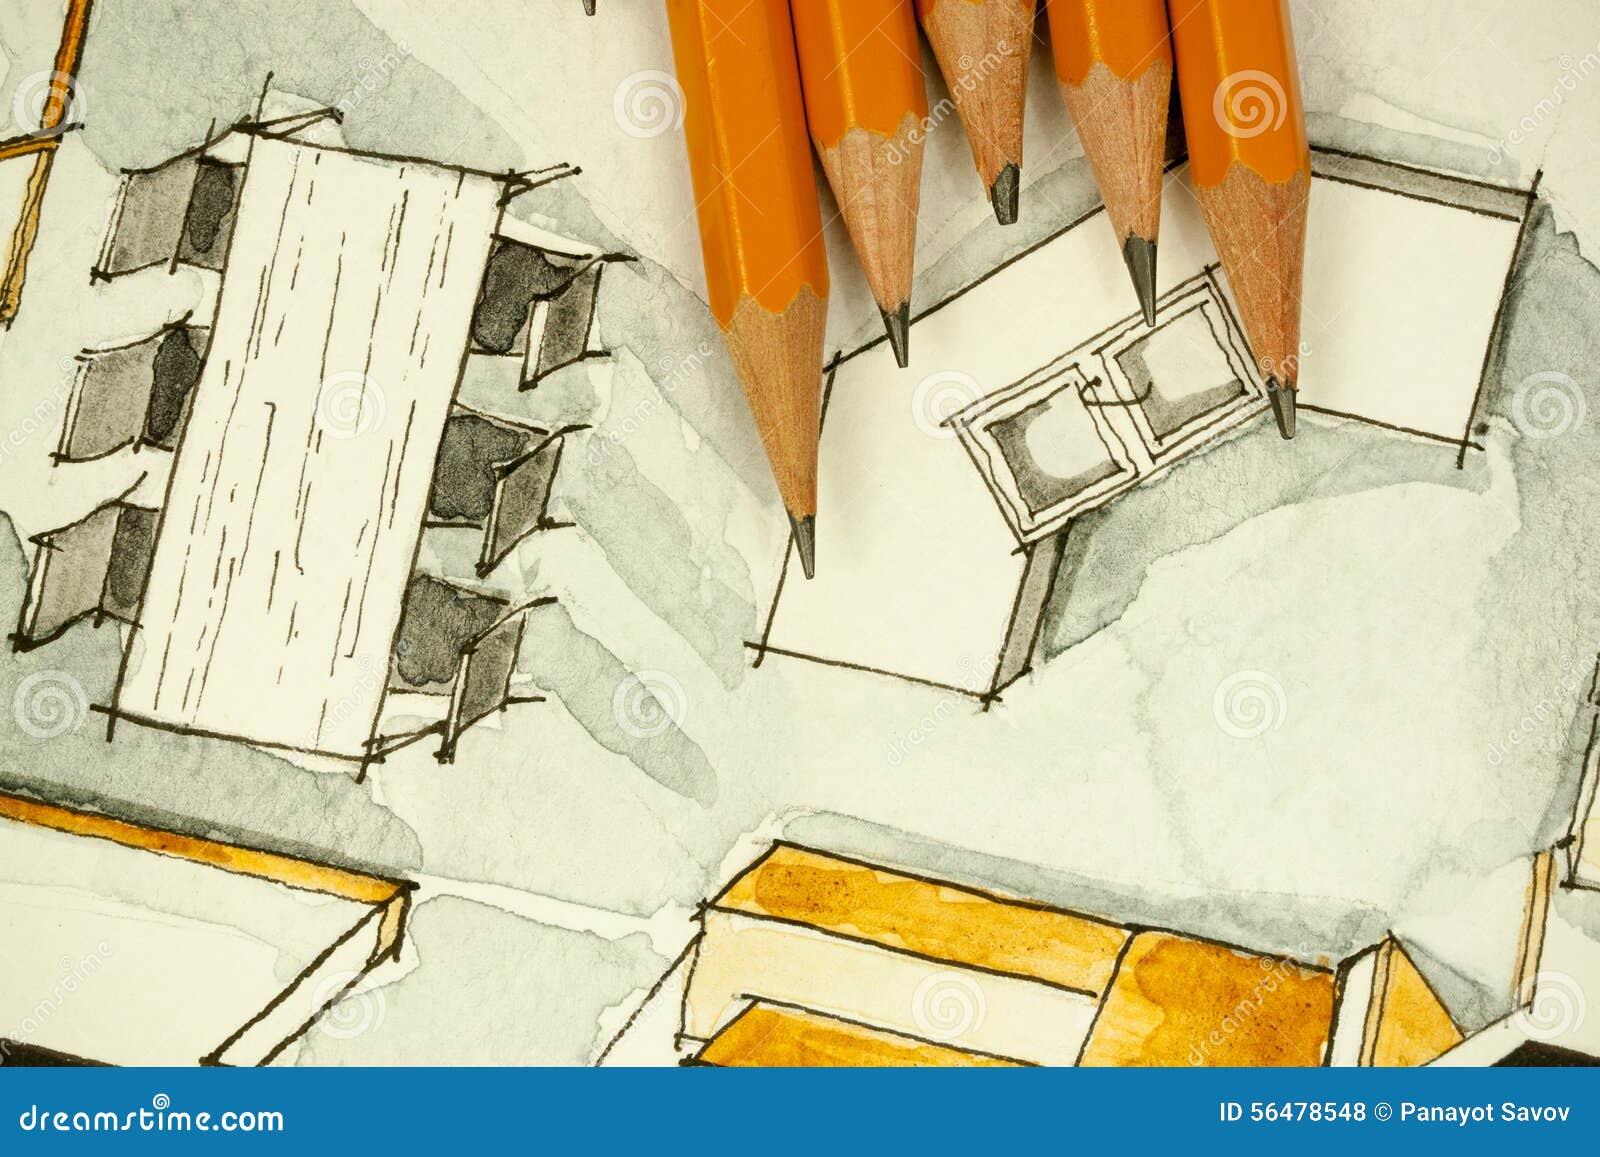 Aquarelle et peinture à main levée à l encre noire de croquis de salle à manger plate de plan d étage d appartement avec crayons